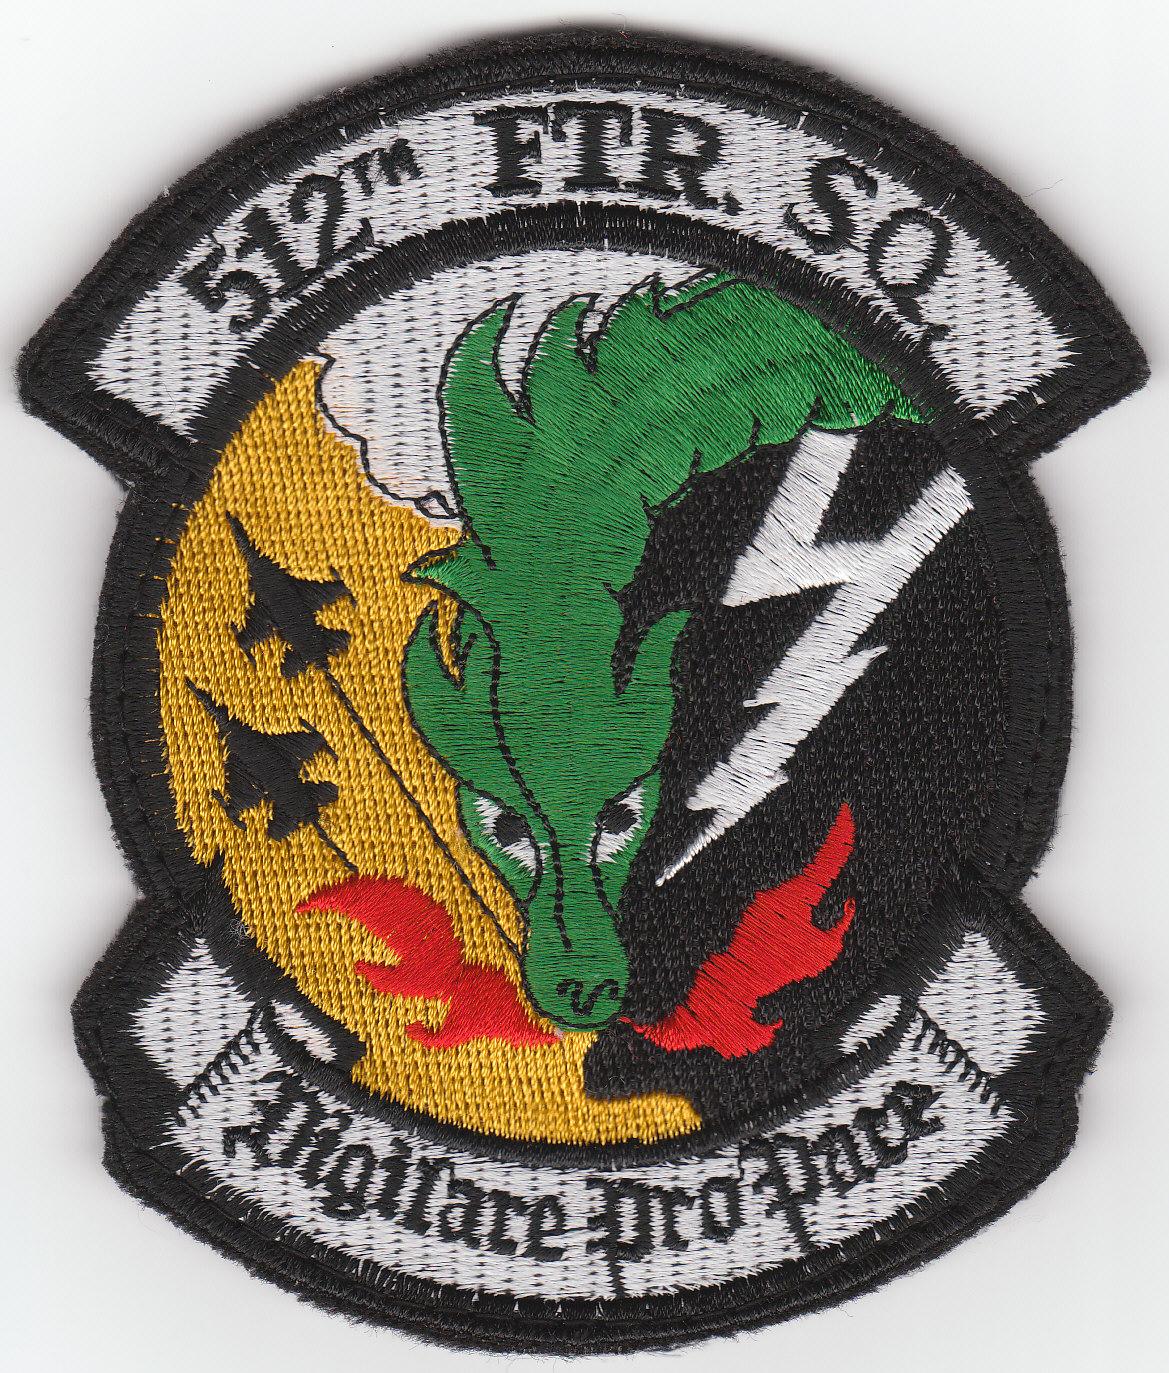 Fighter Squadron Logo The 512th Fighter Squadron